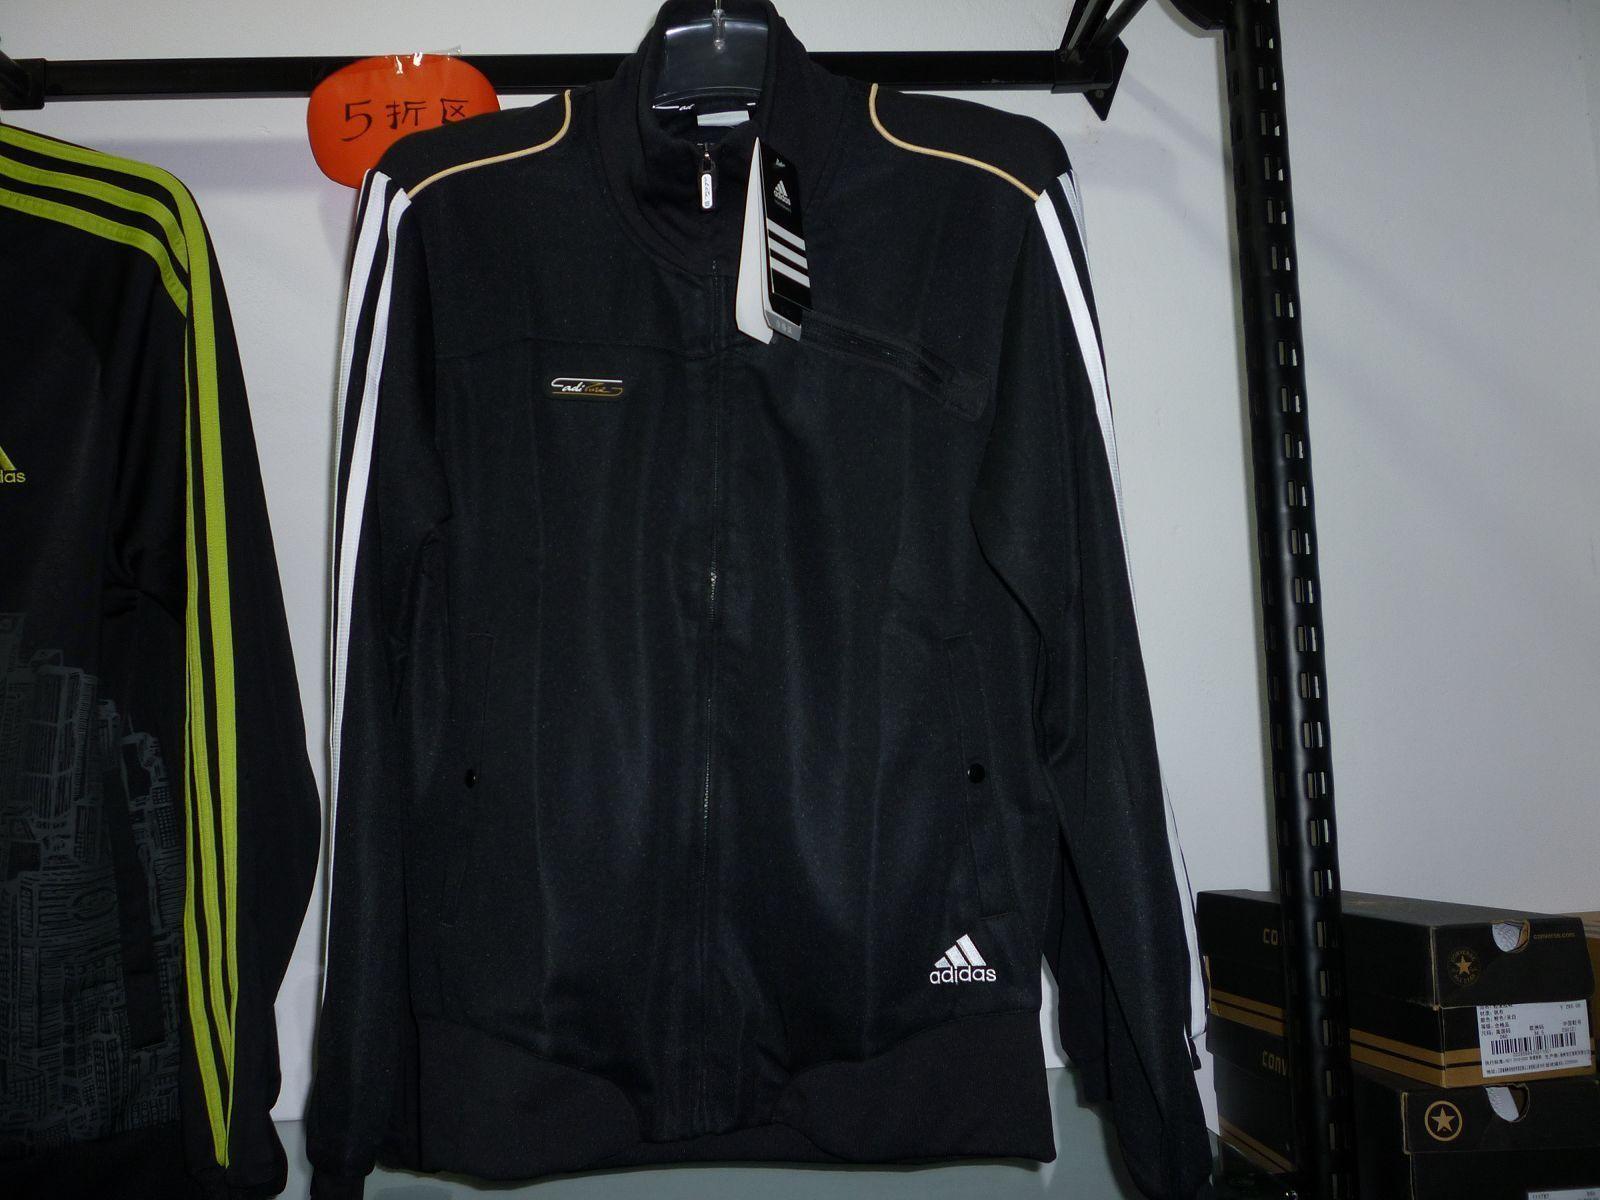 Спортивная куртка Adidas e18506 3.5 Нейтральная _ скоро Не ставьте Молния Логотип бренда, Вышивка, Офсетная печать, Надпись, Рисунок